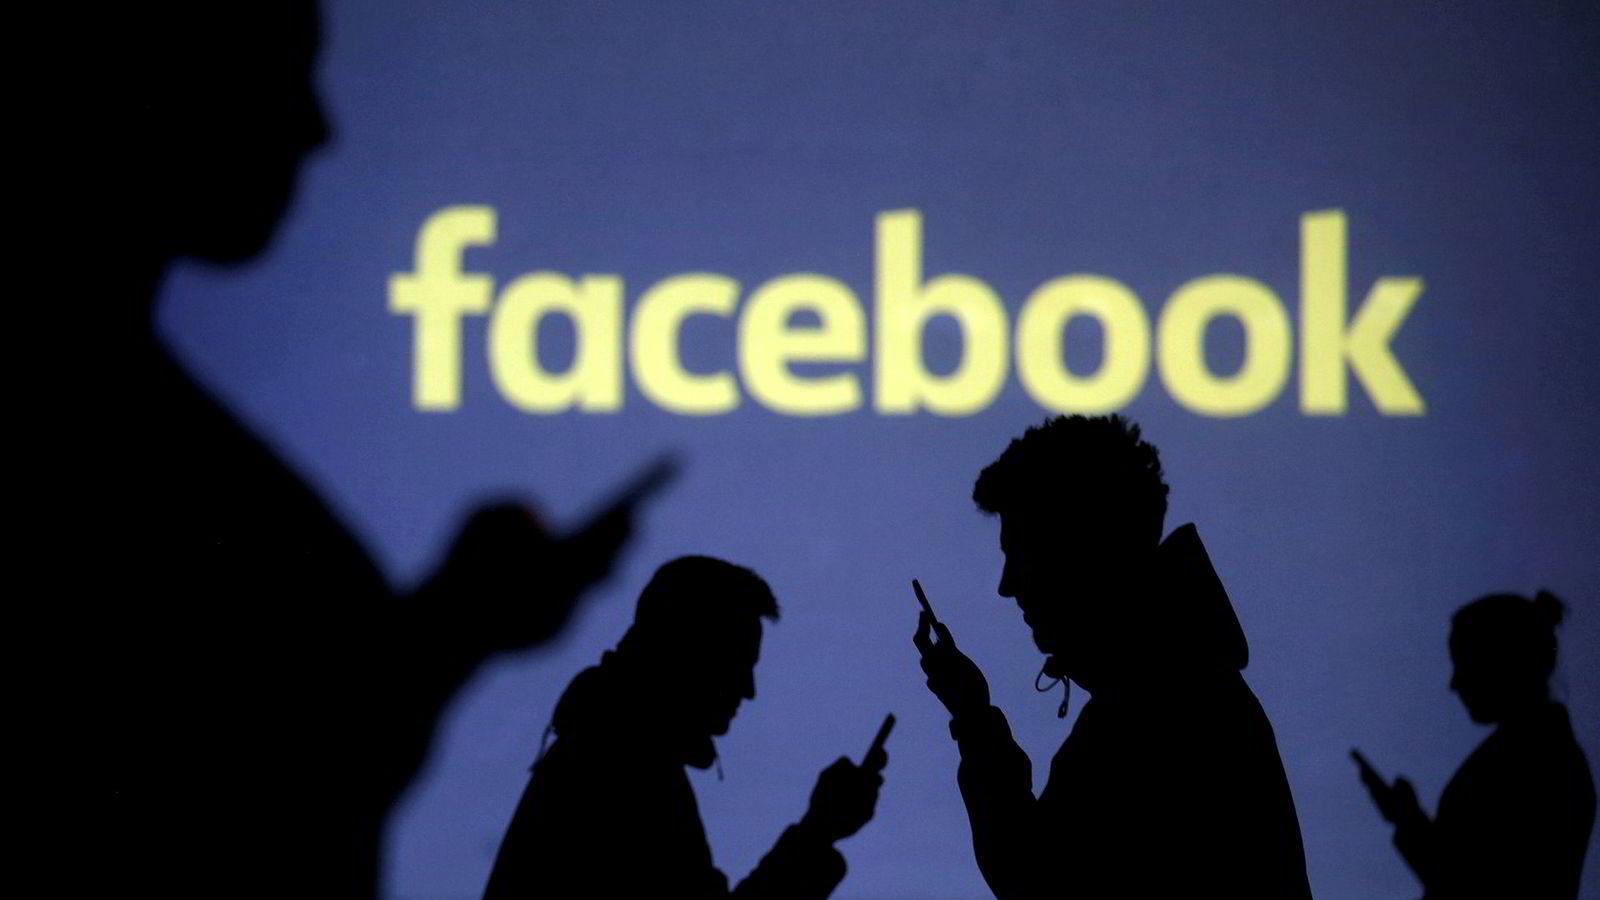 Mange feilmeldinger for Facebook-brukere i Norden natt til onsdag.